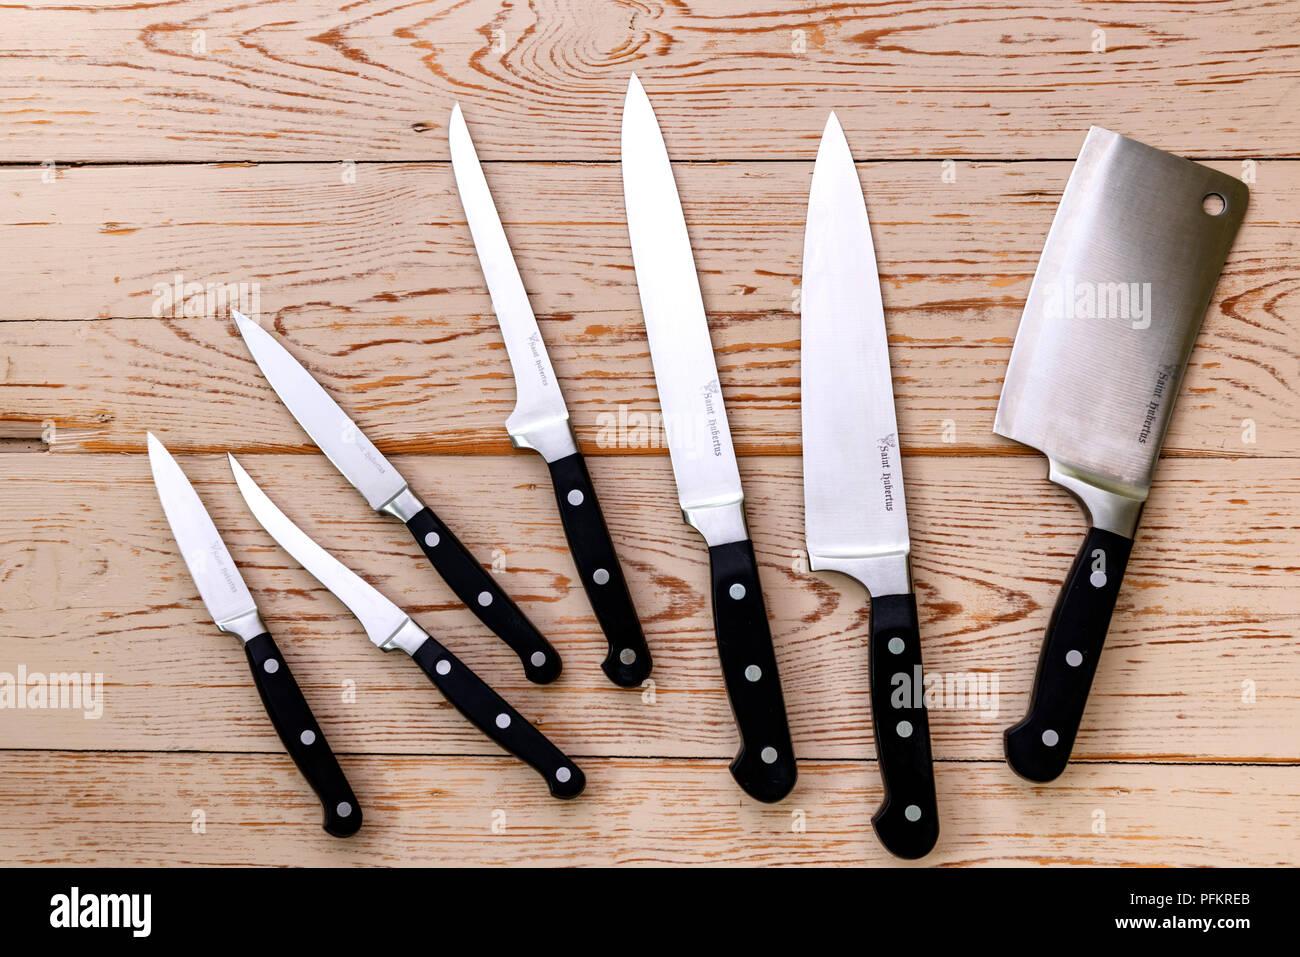 Un Assortiment De Differents Couteaux De Cuisine Sur Un Fond De